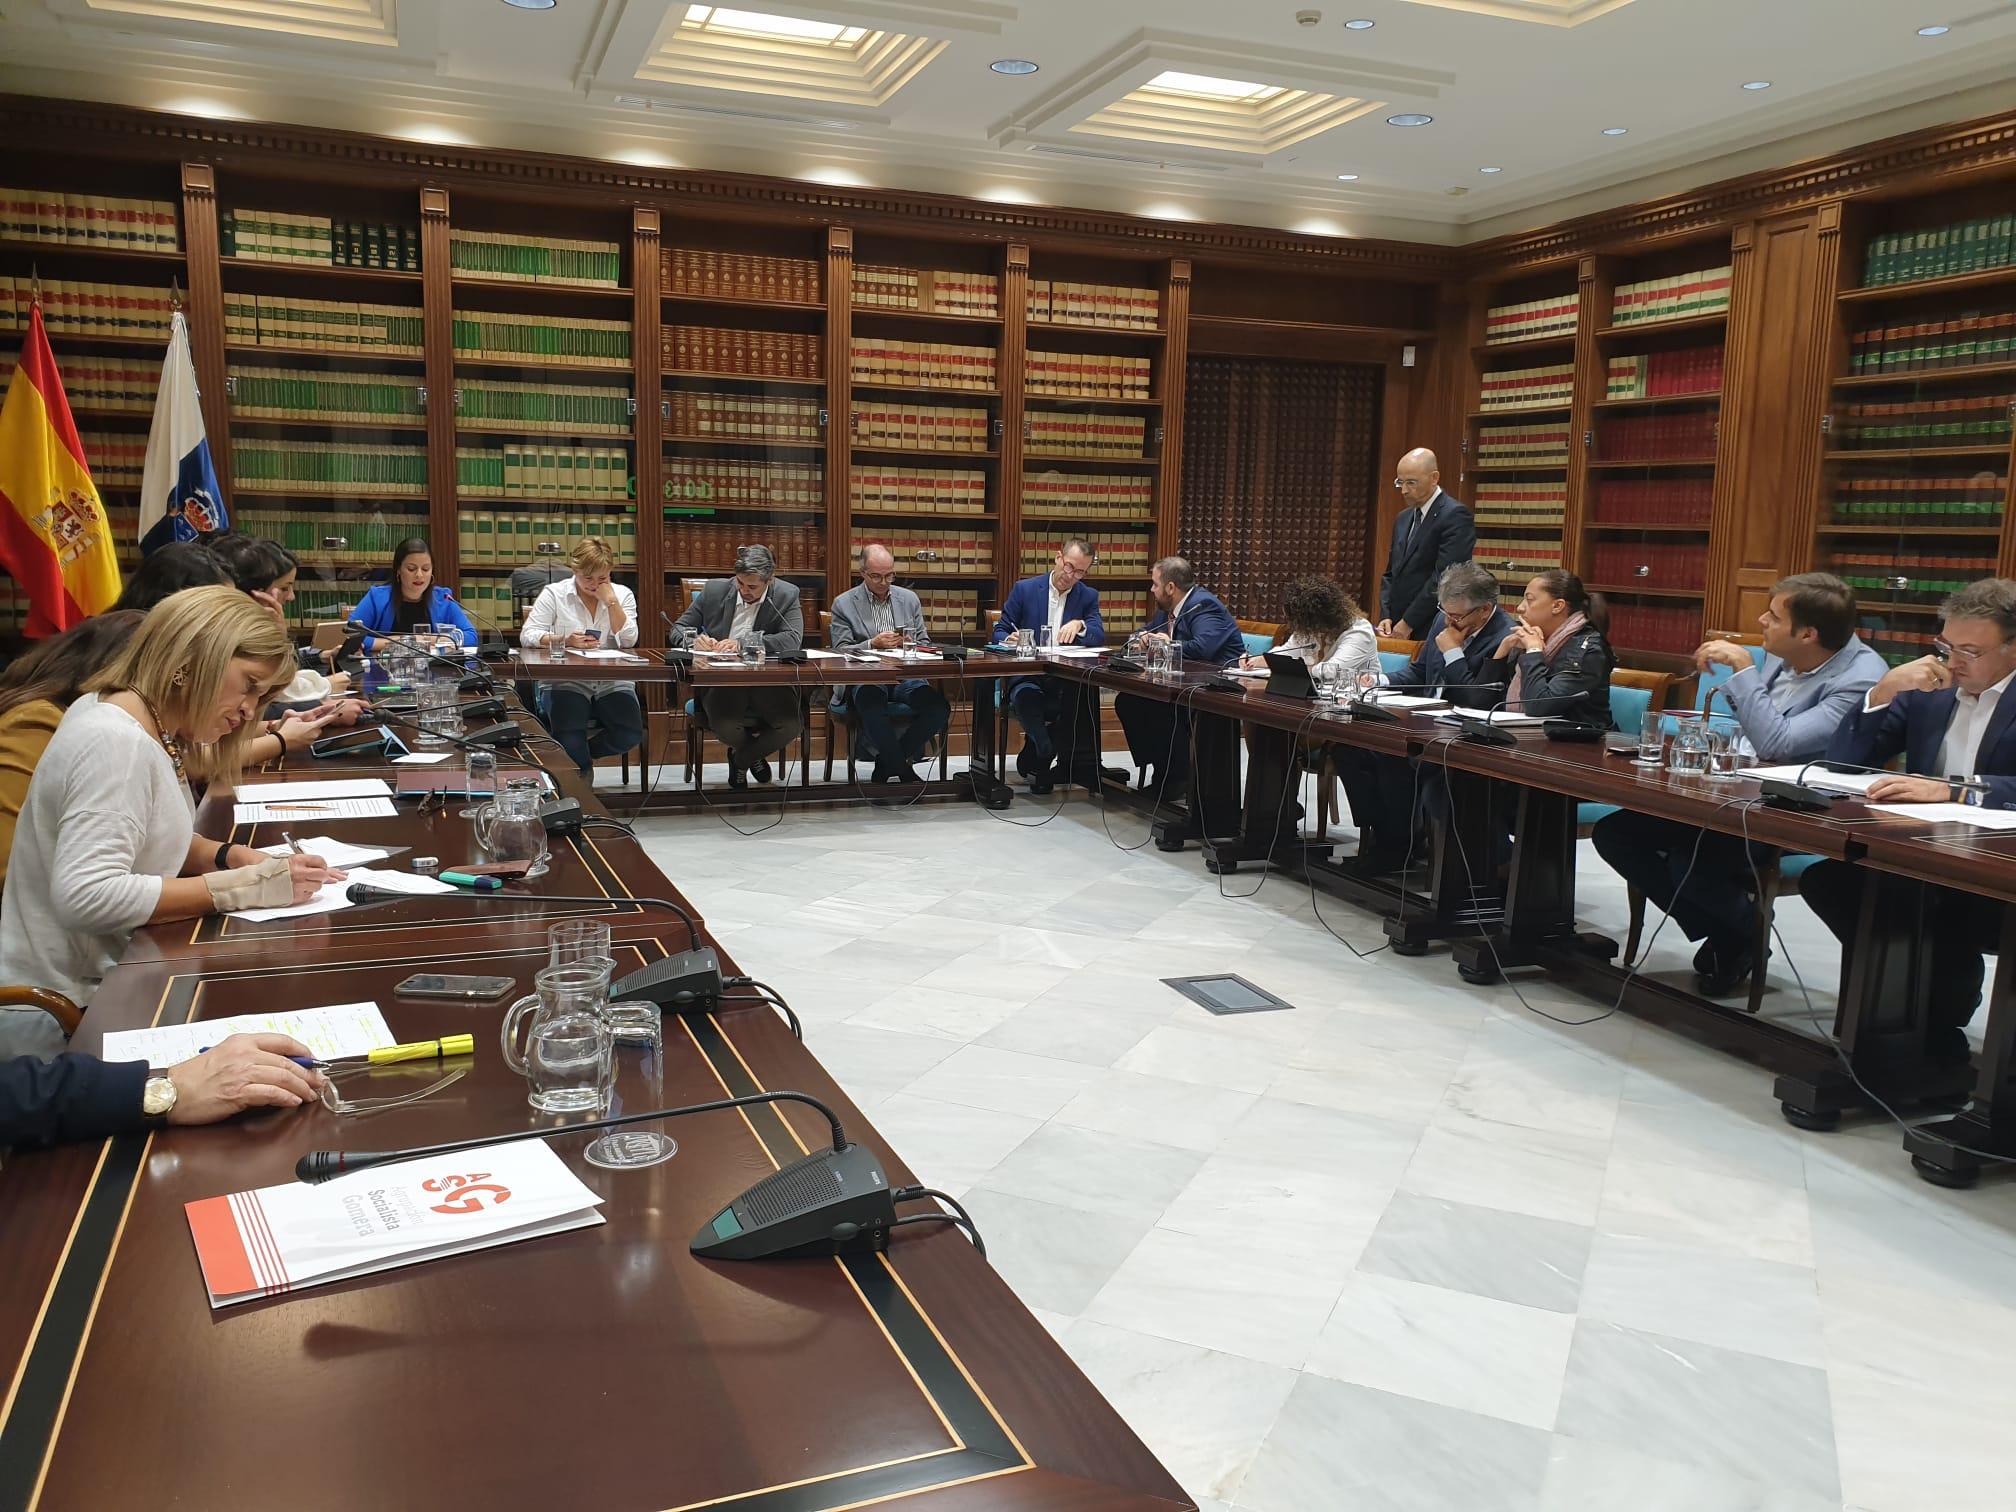 Comisión de Turismo, Industria y ComercioComisión de Turismo, Industria y Comercio